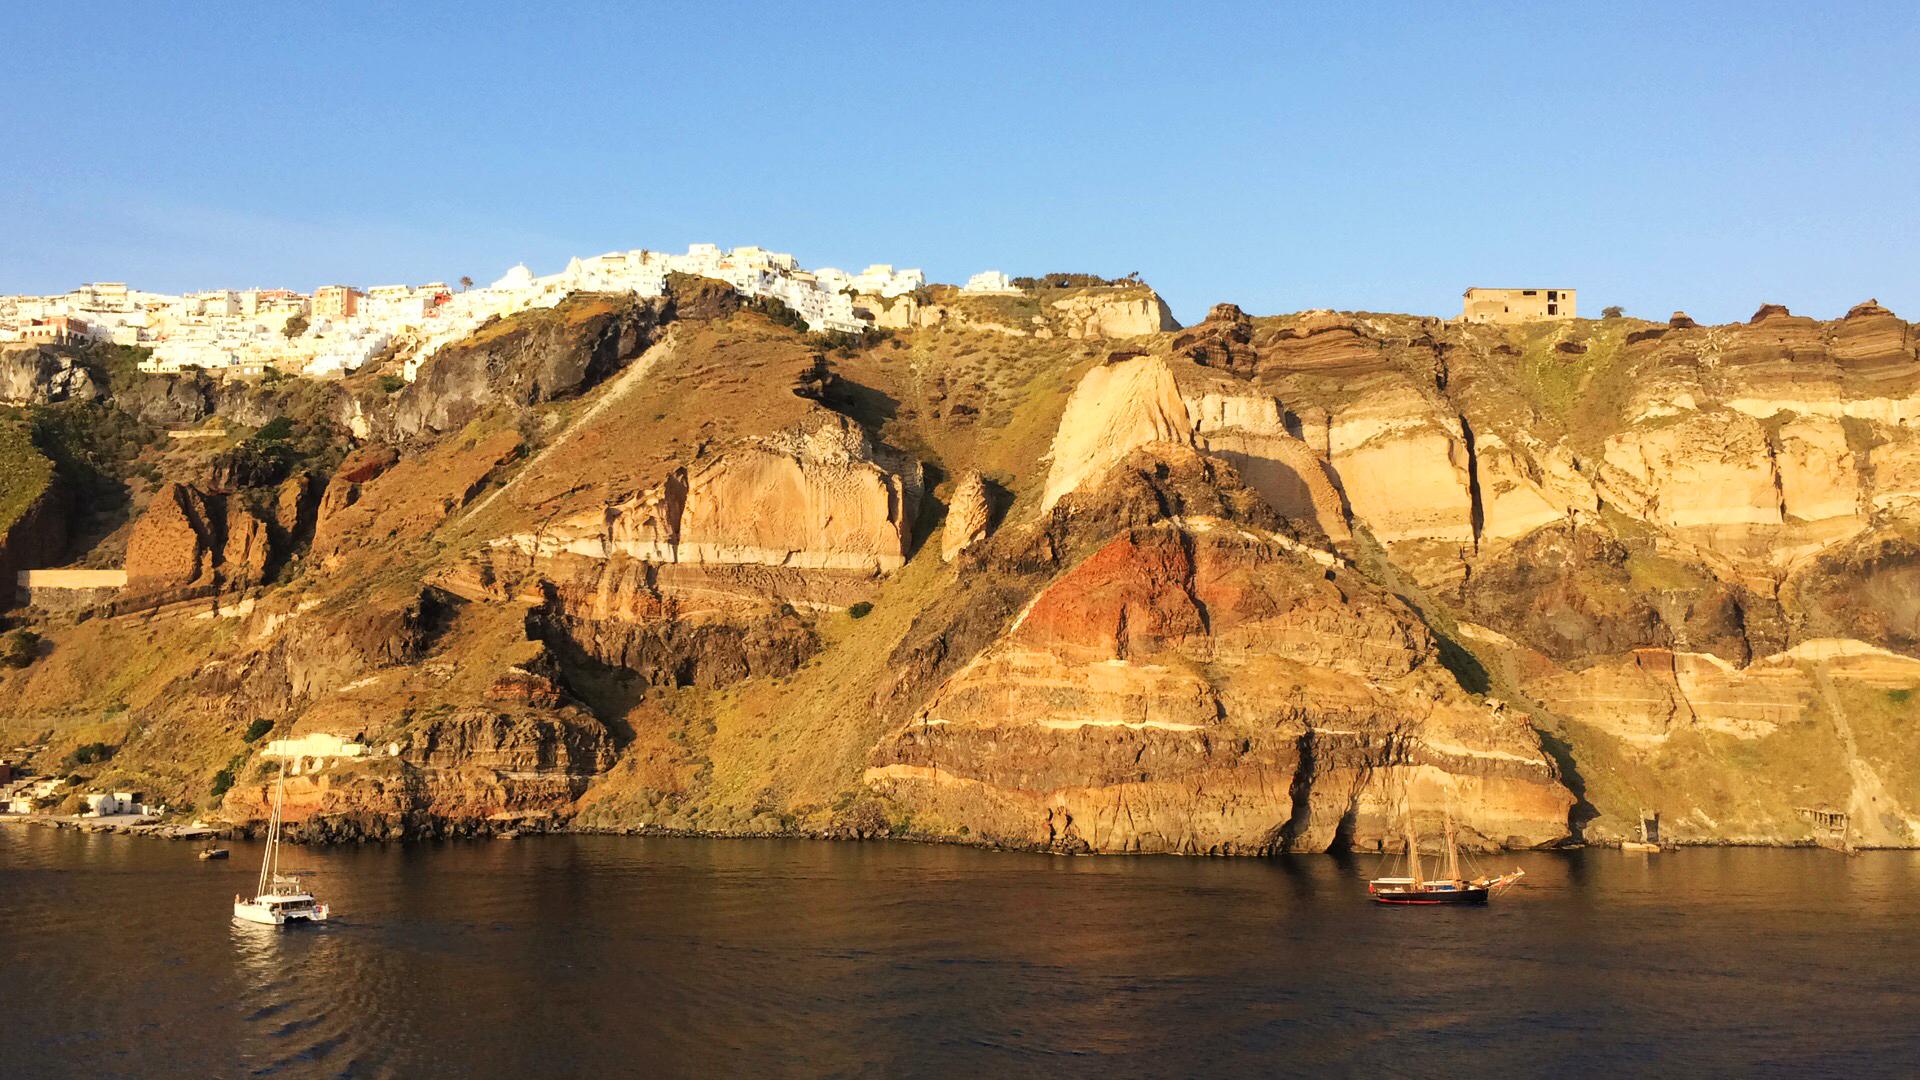 Santorini Grecia cielo blu costa del mare isola barche